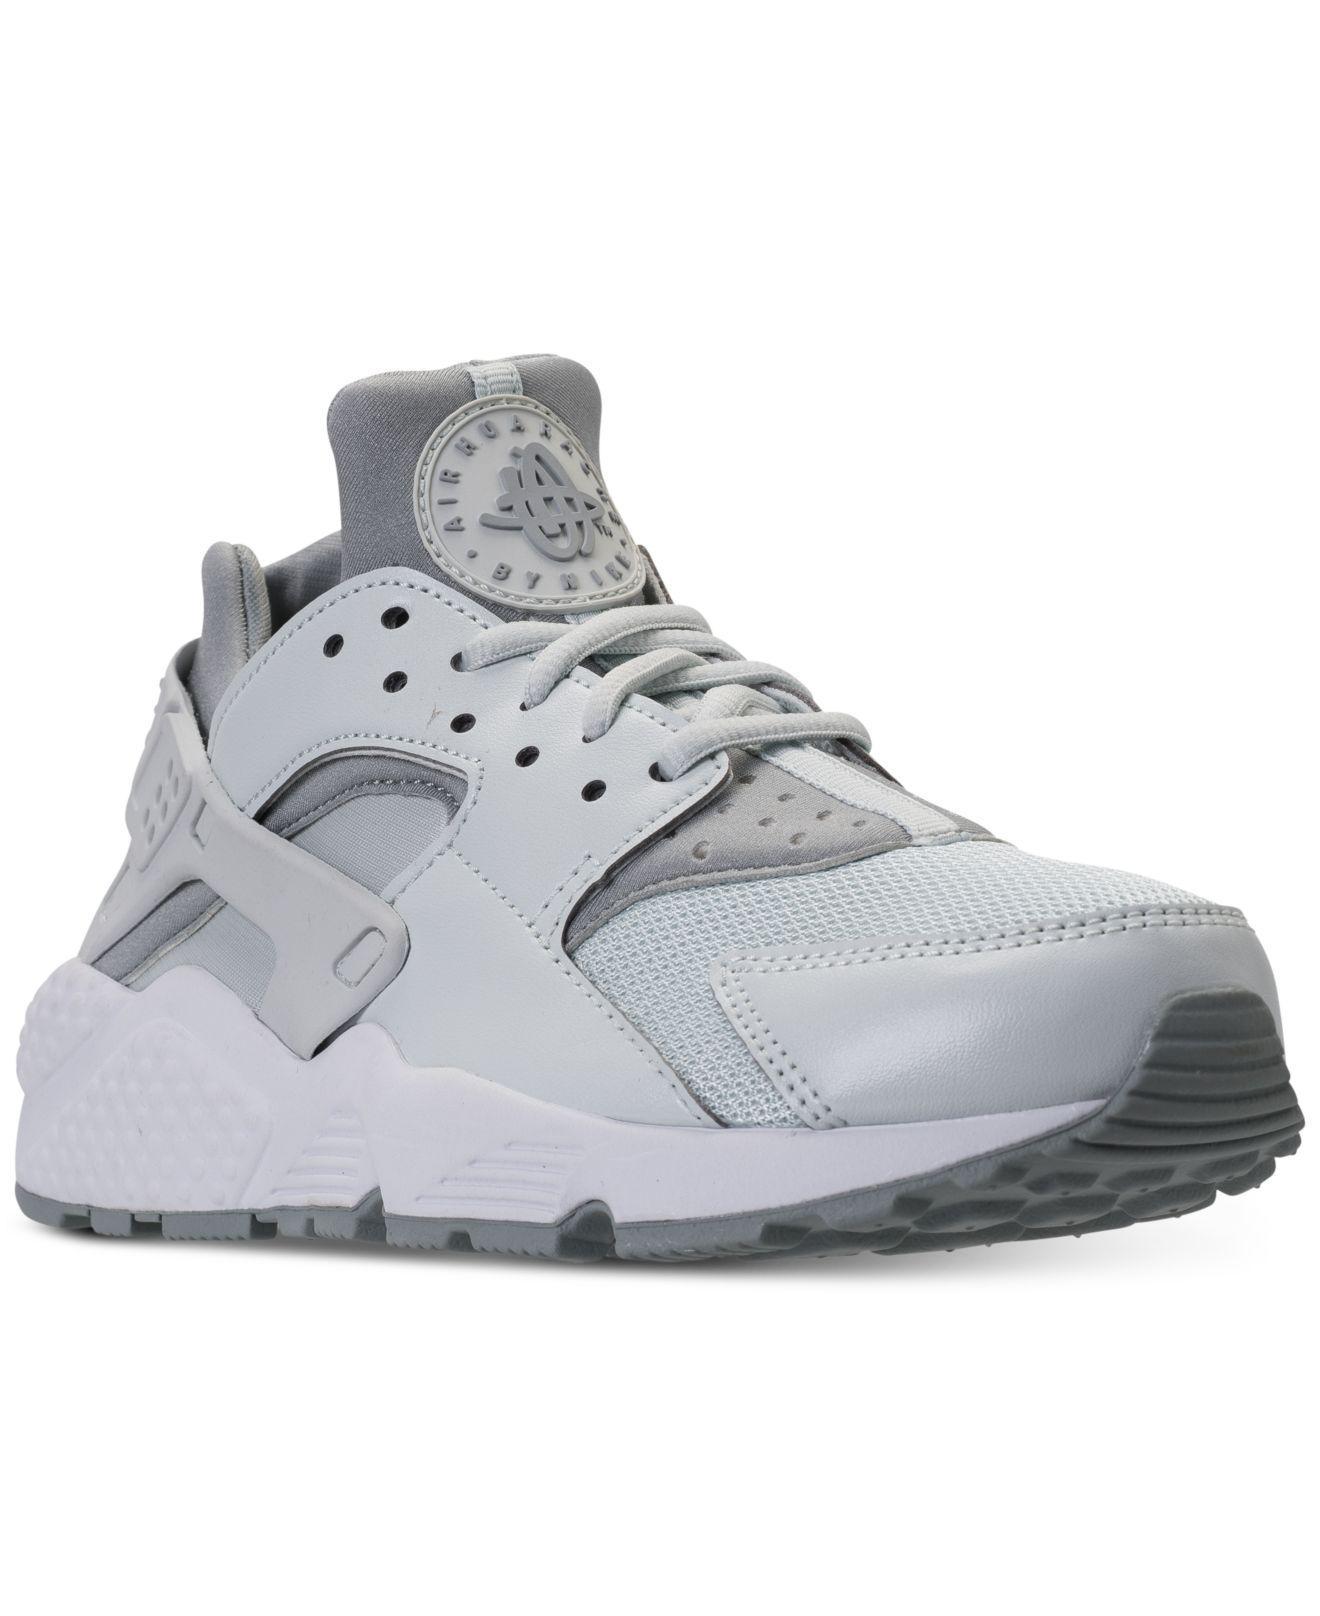 lyst nike air huarache scappa correndo scarpe dal traguardo in grigio.